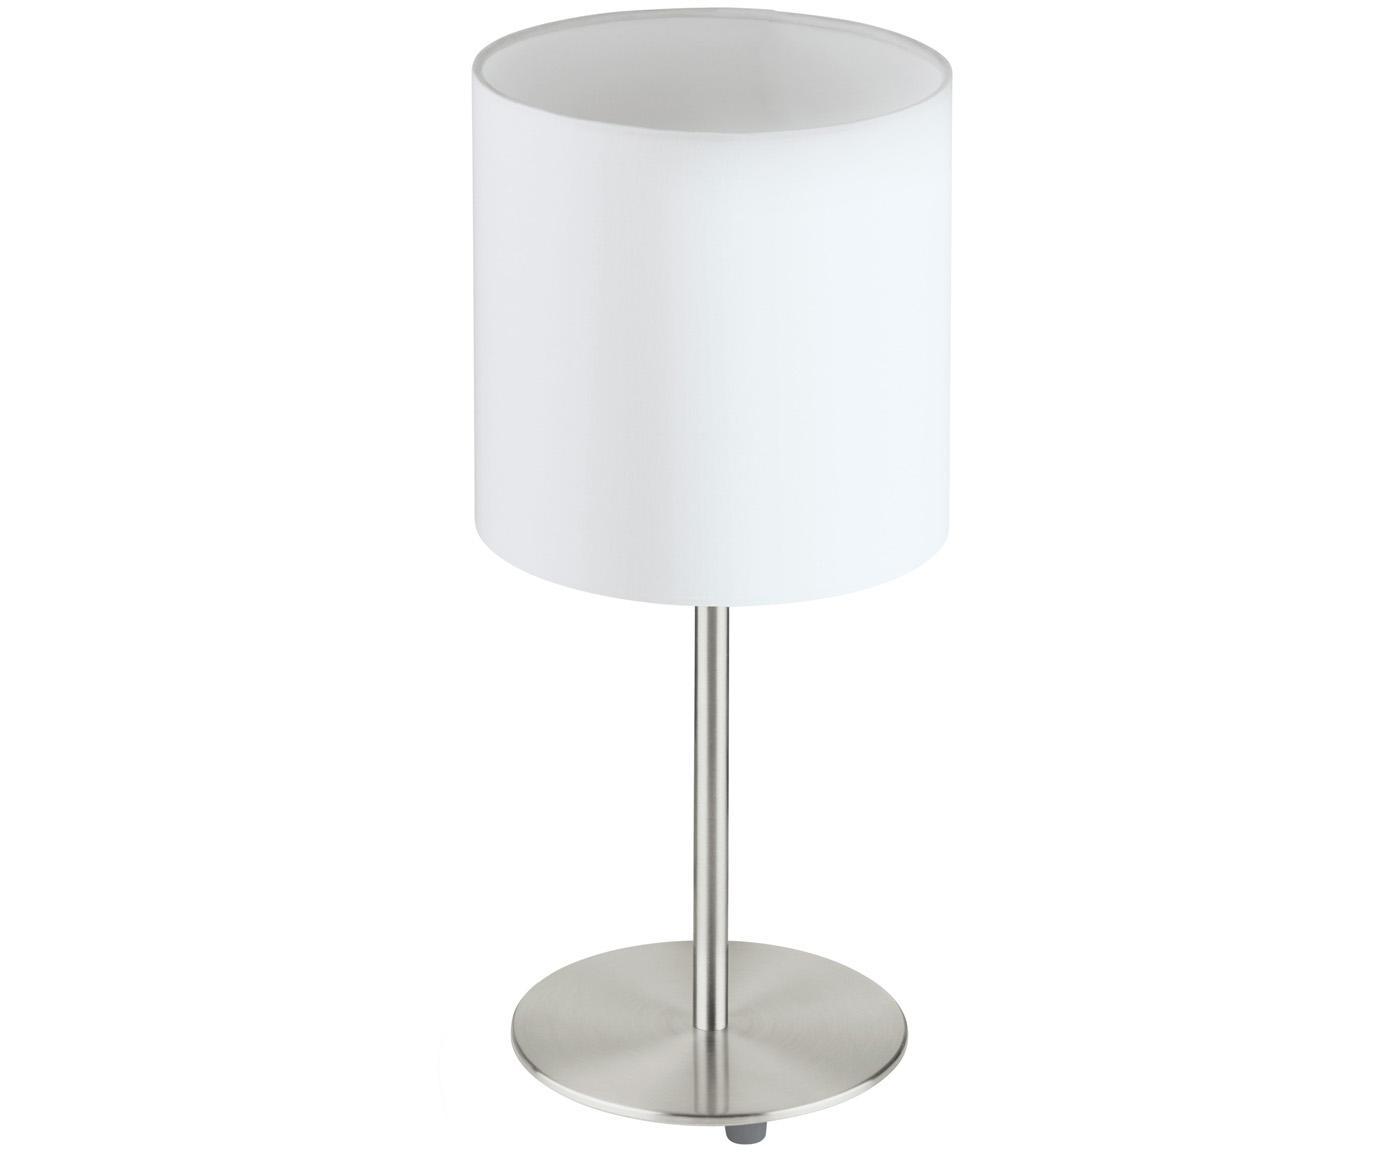 Klassische Tischleuchte Mick, Lampenschirm: Textil, Lampenfuß: Metall, vernickelt, Weiß,Silberfarben, ∅ 18 x H 40 cm